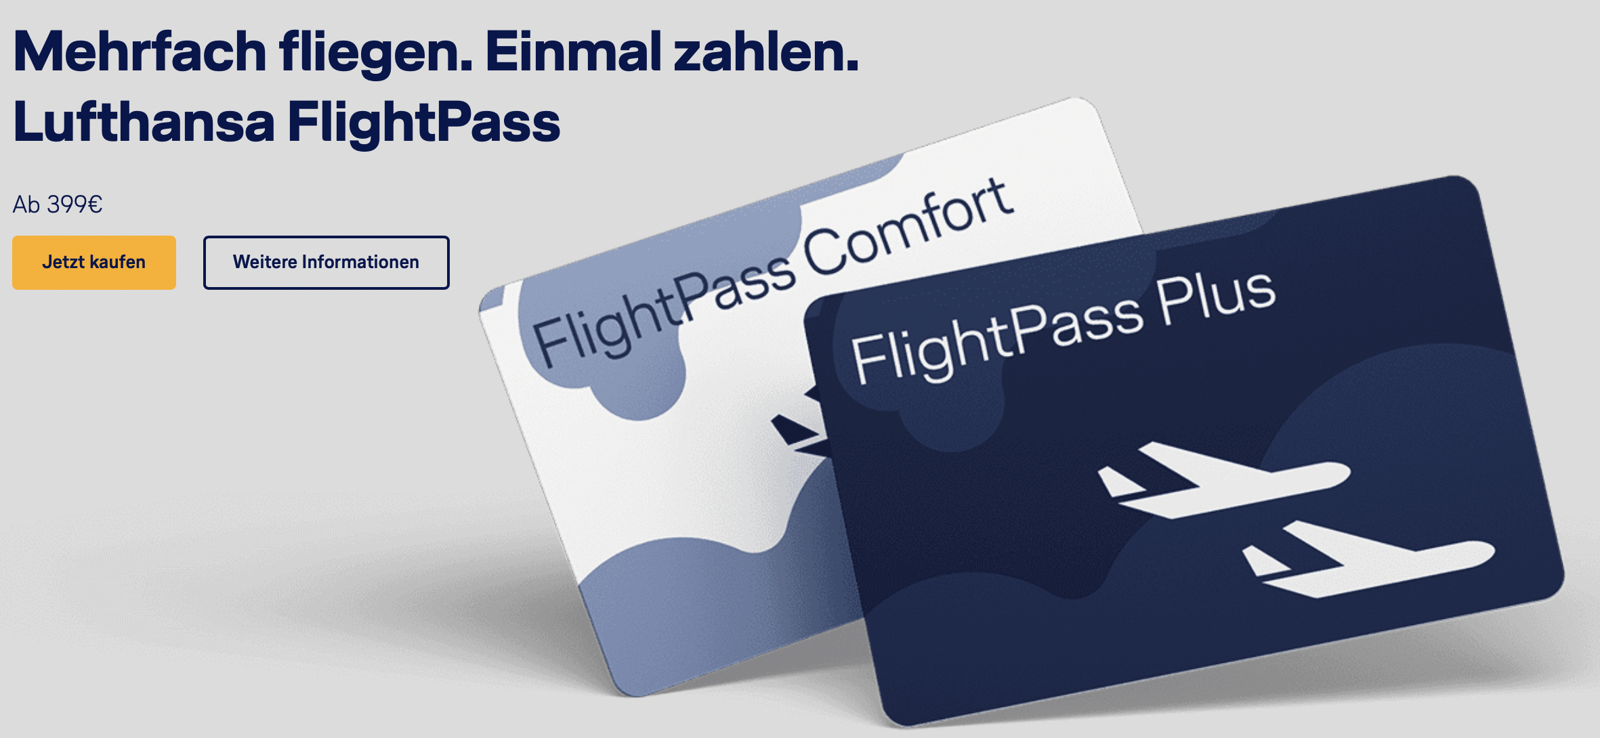 Mit dem Lufthansa Flight Pass zum Festpreis fliegen